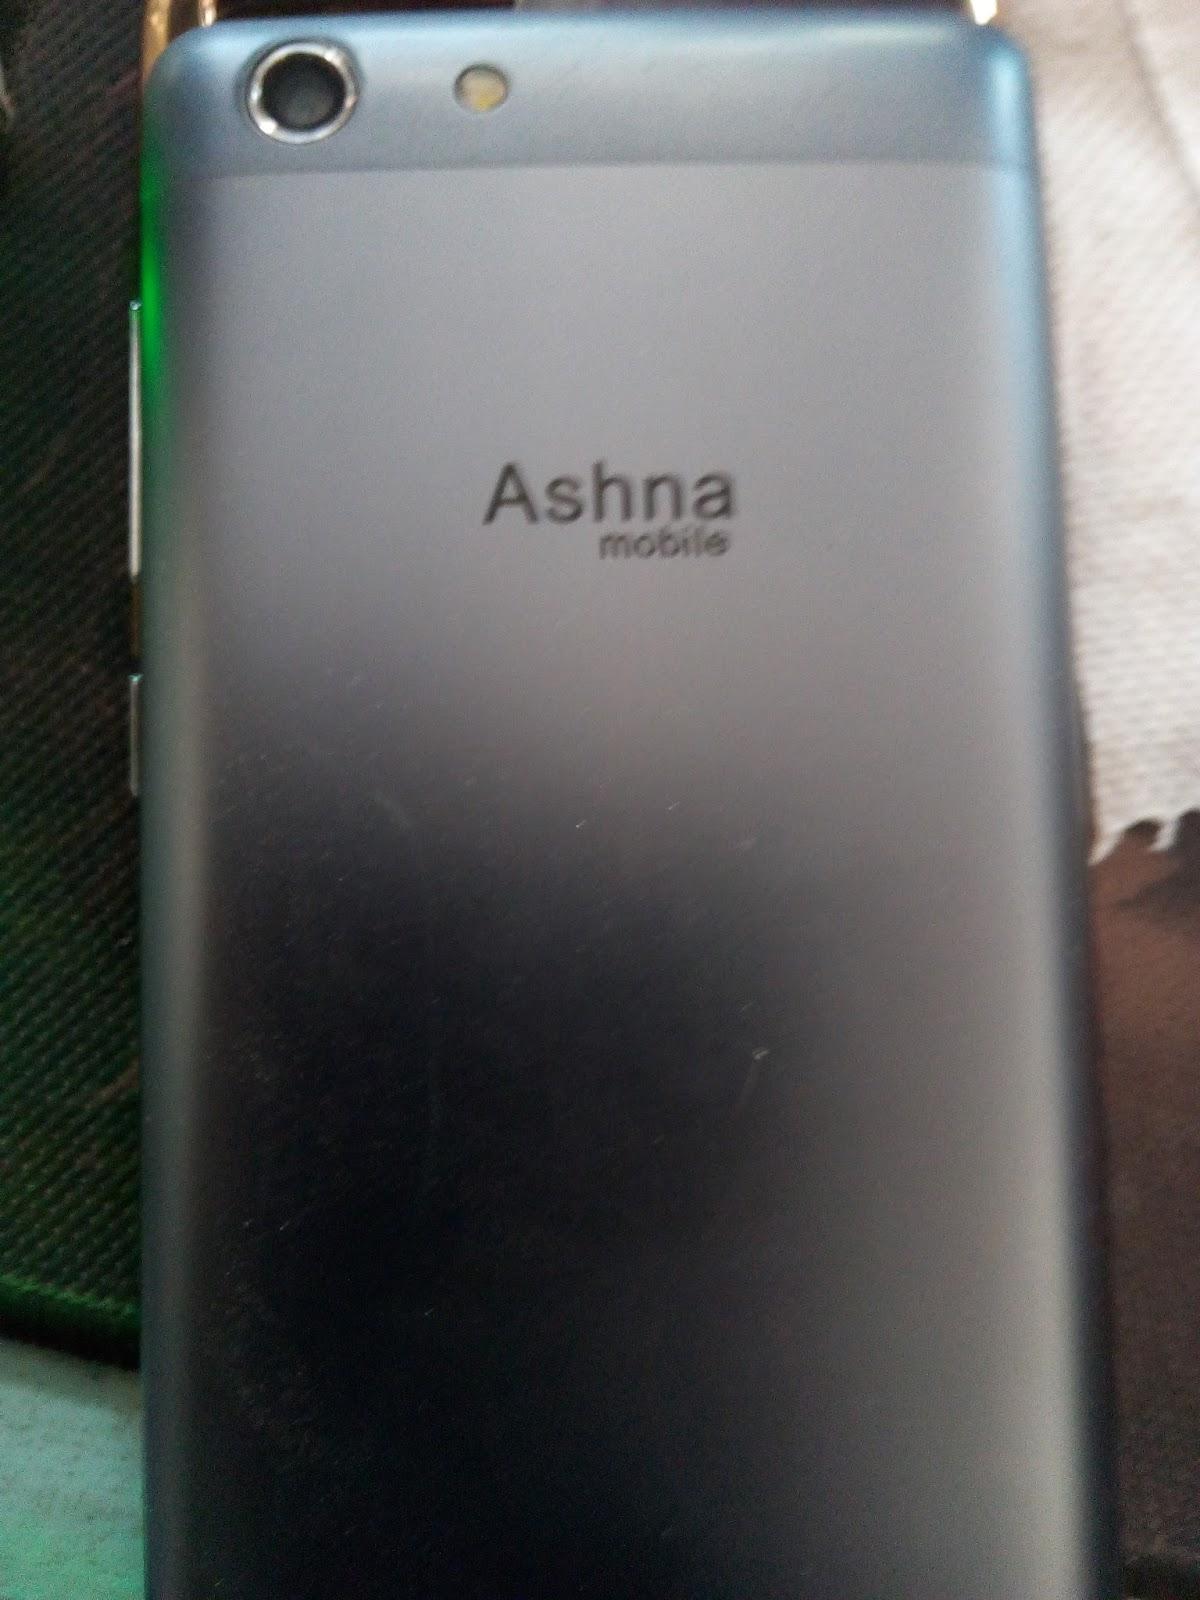 Keya Telecom Ashna X66 Flash File Mt6580 Lollipop 51 100 Ok Read Maxtron New8a Smartphone Wbw5616ah 0301 T5442